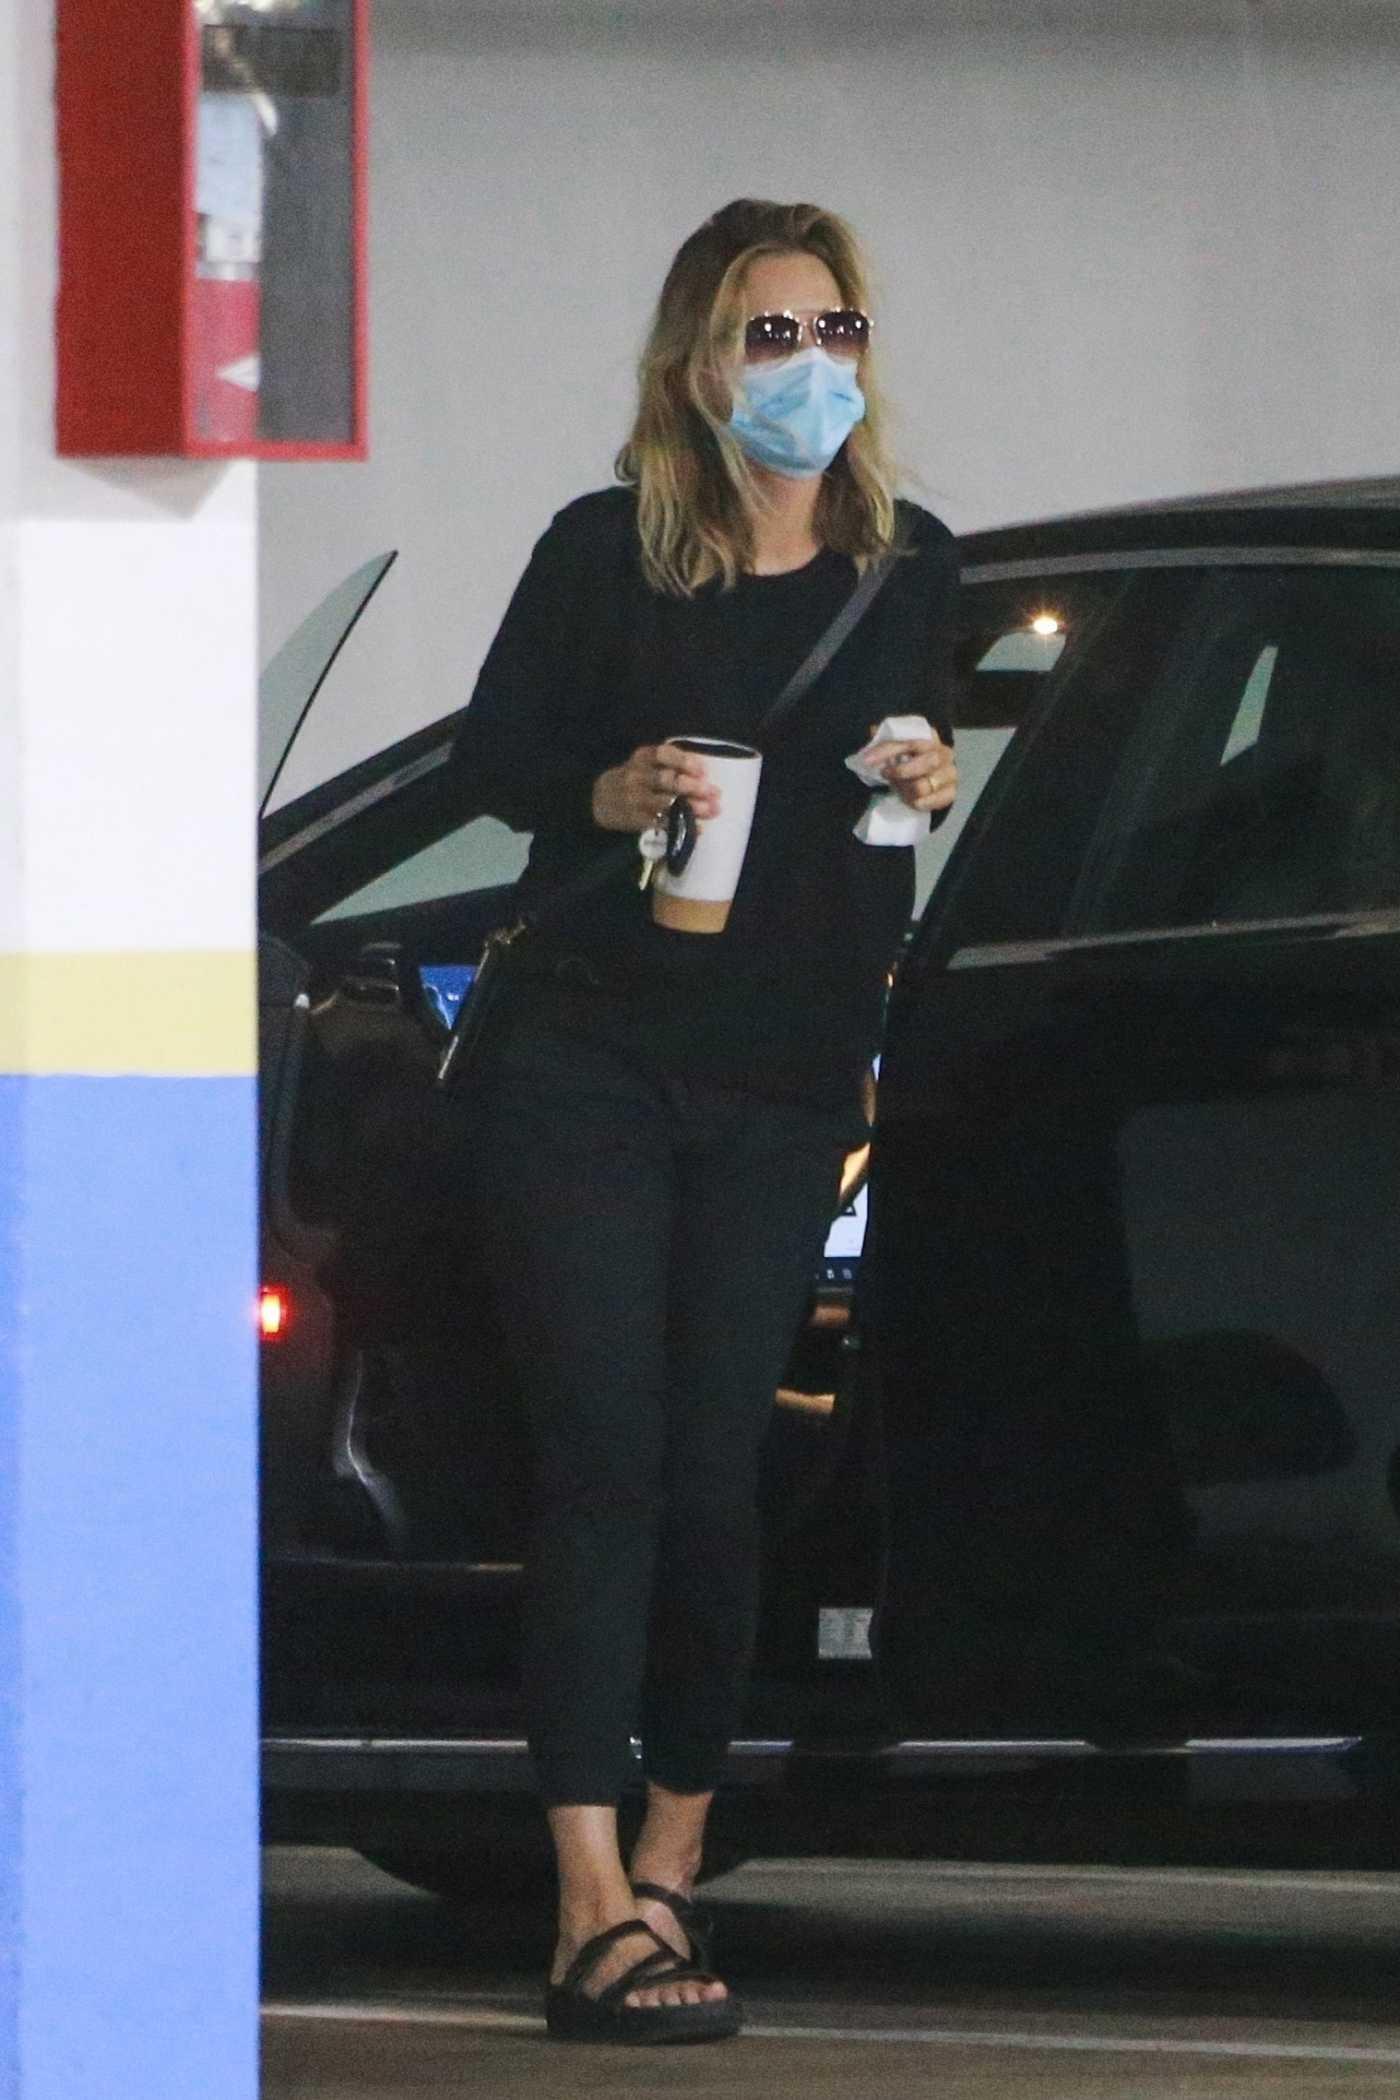 Michelle Pfeiffer in a Black Sweatshirt Was Seen Out in Santa Monica 08/05/2020